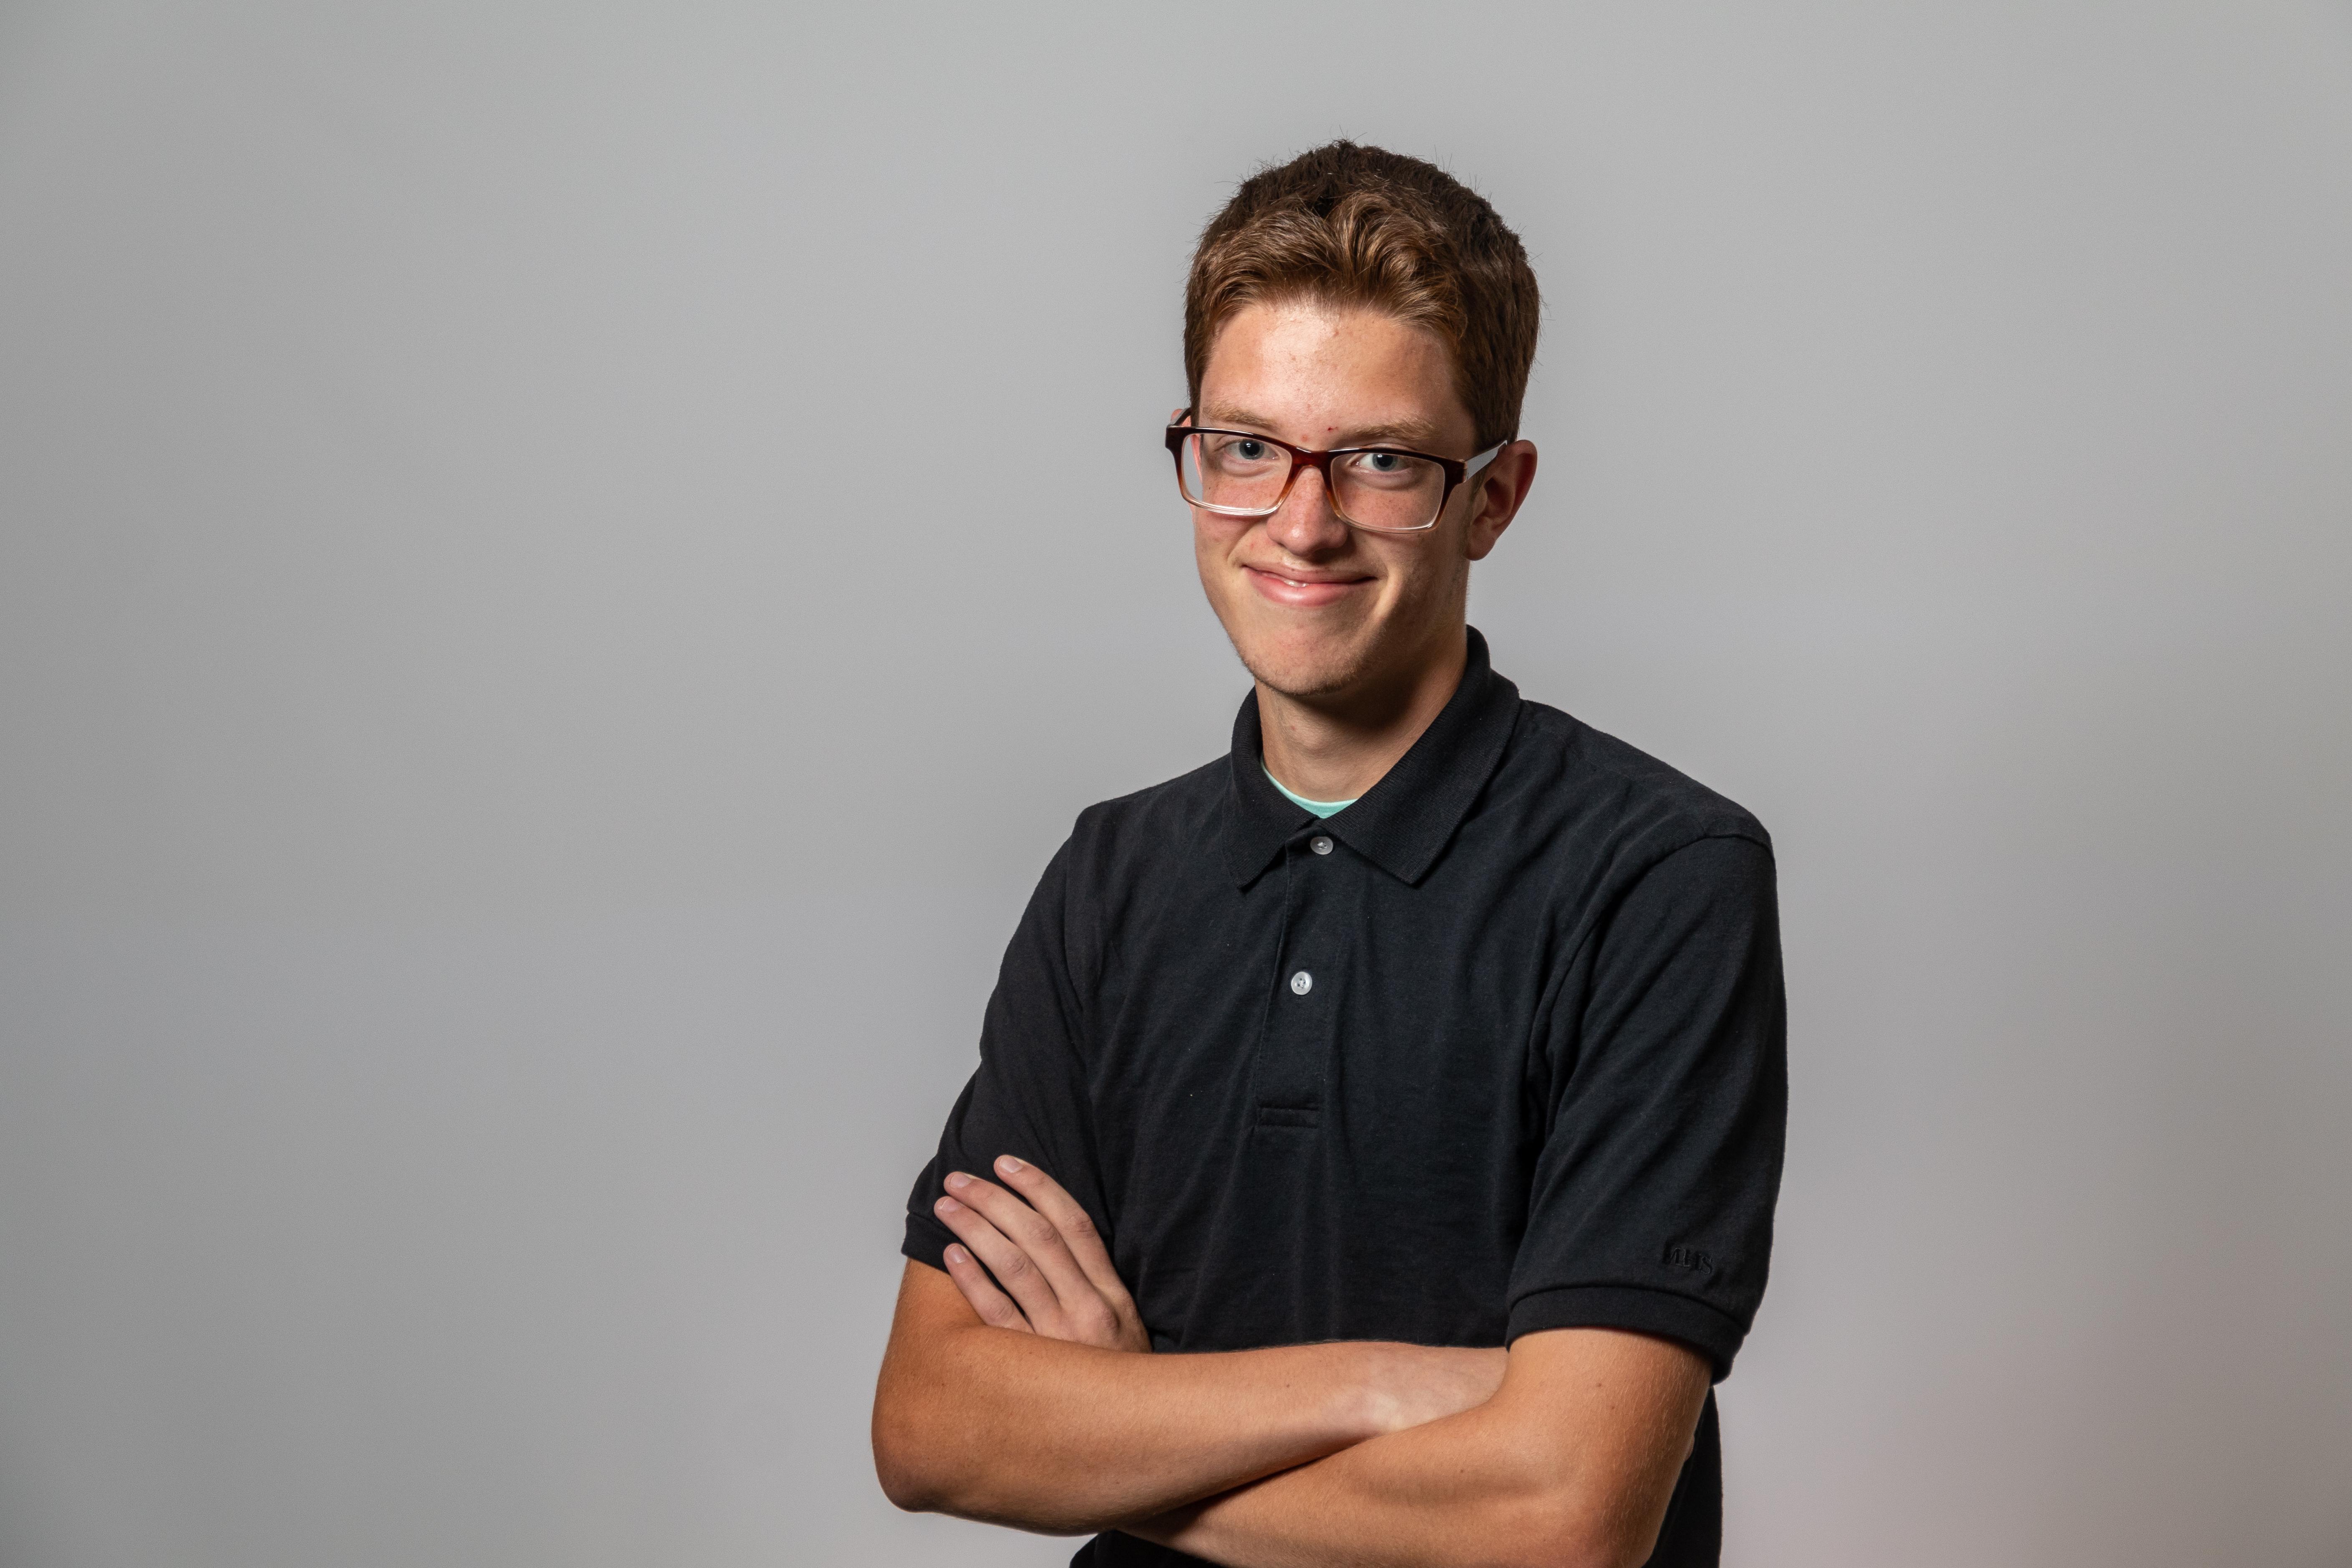 Daniel, an MHS junior